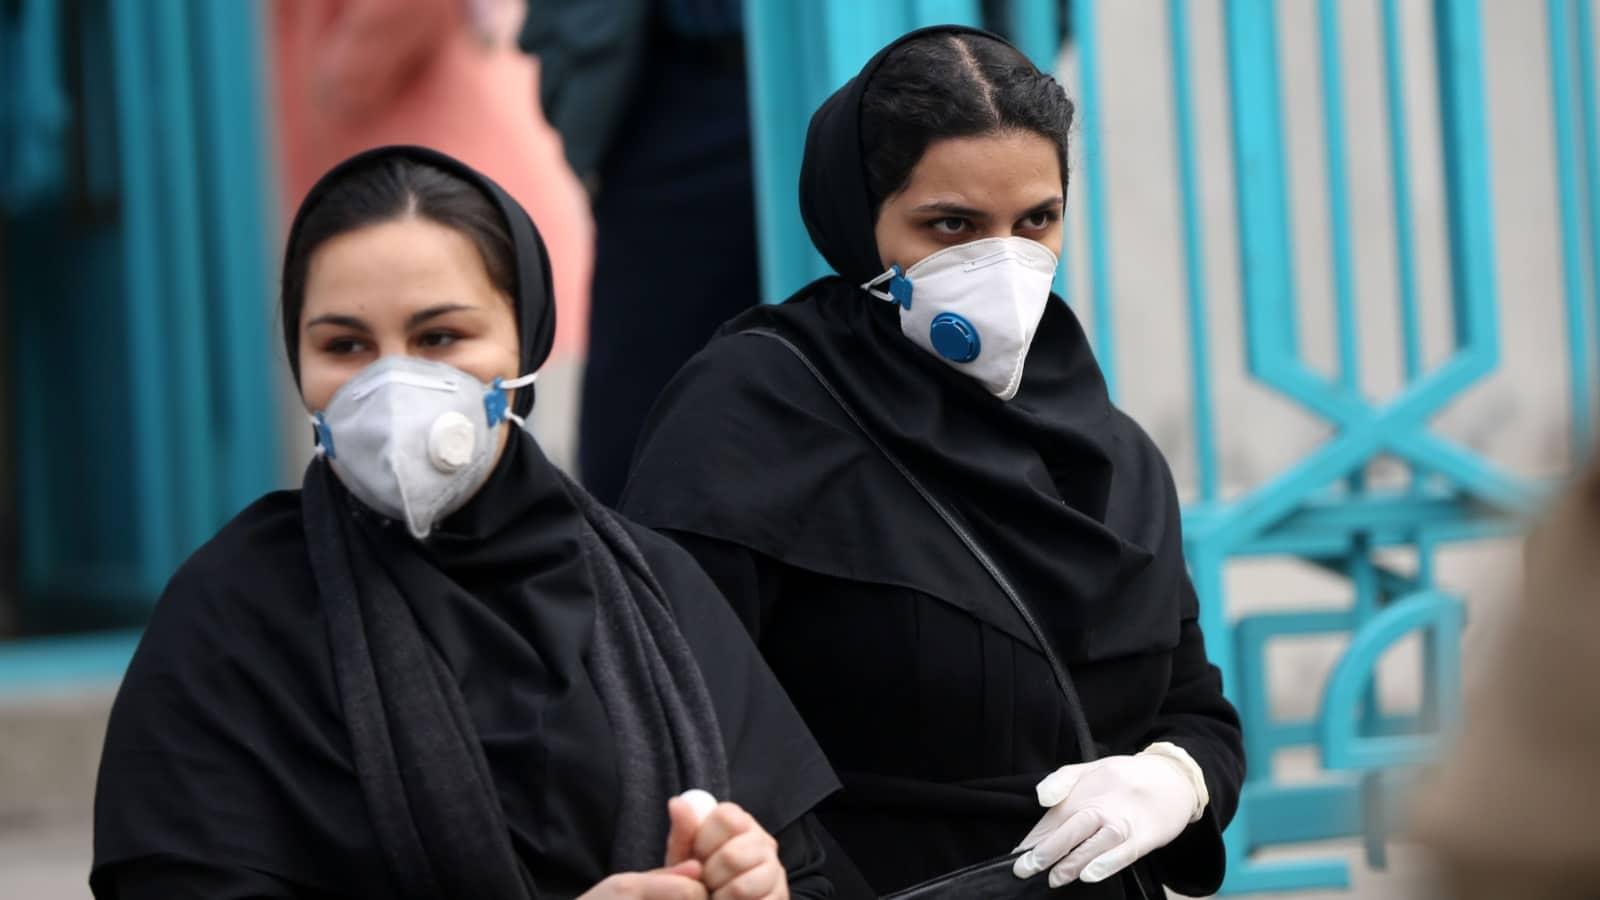 """وقف إلى جانب الناطق باسم الحكومة يتصبب عرقاً.. """"شاهد"""" أعراض كورونا على نائب وزير الصحة الايراني"""